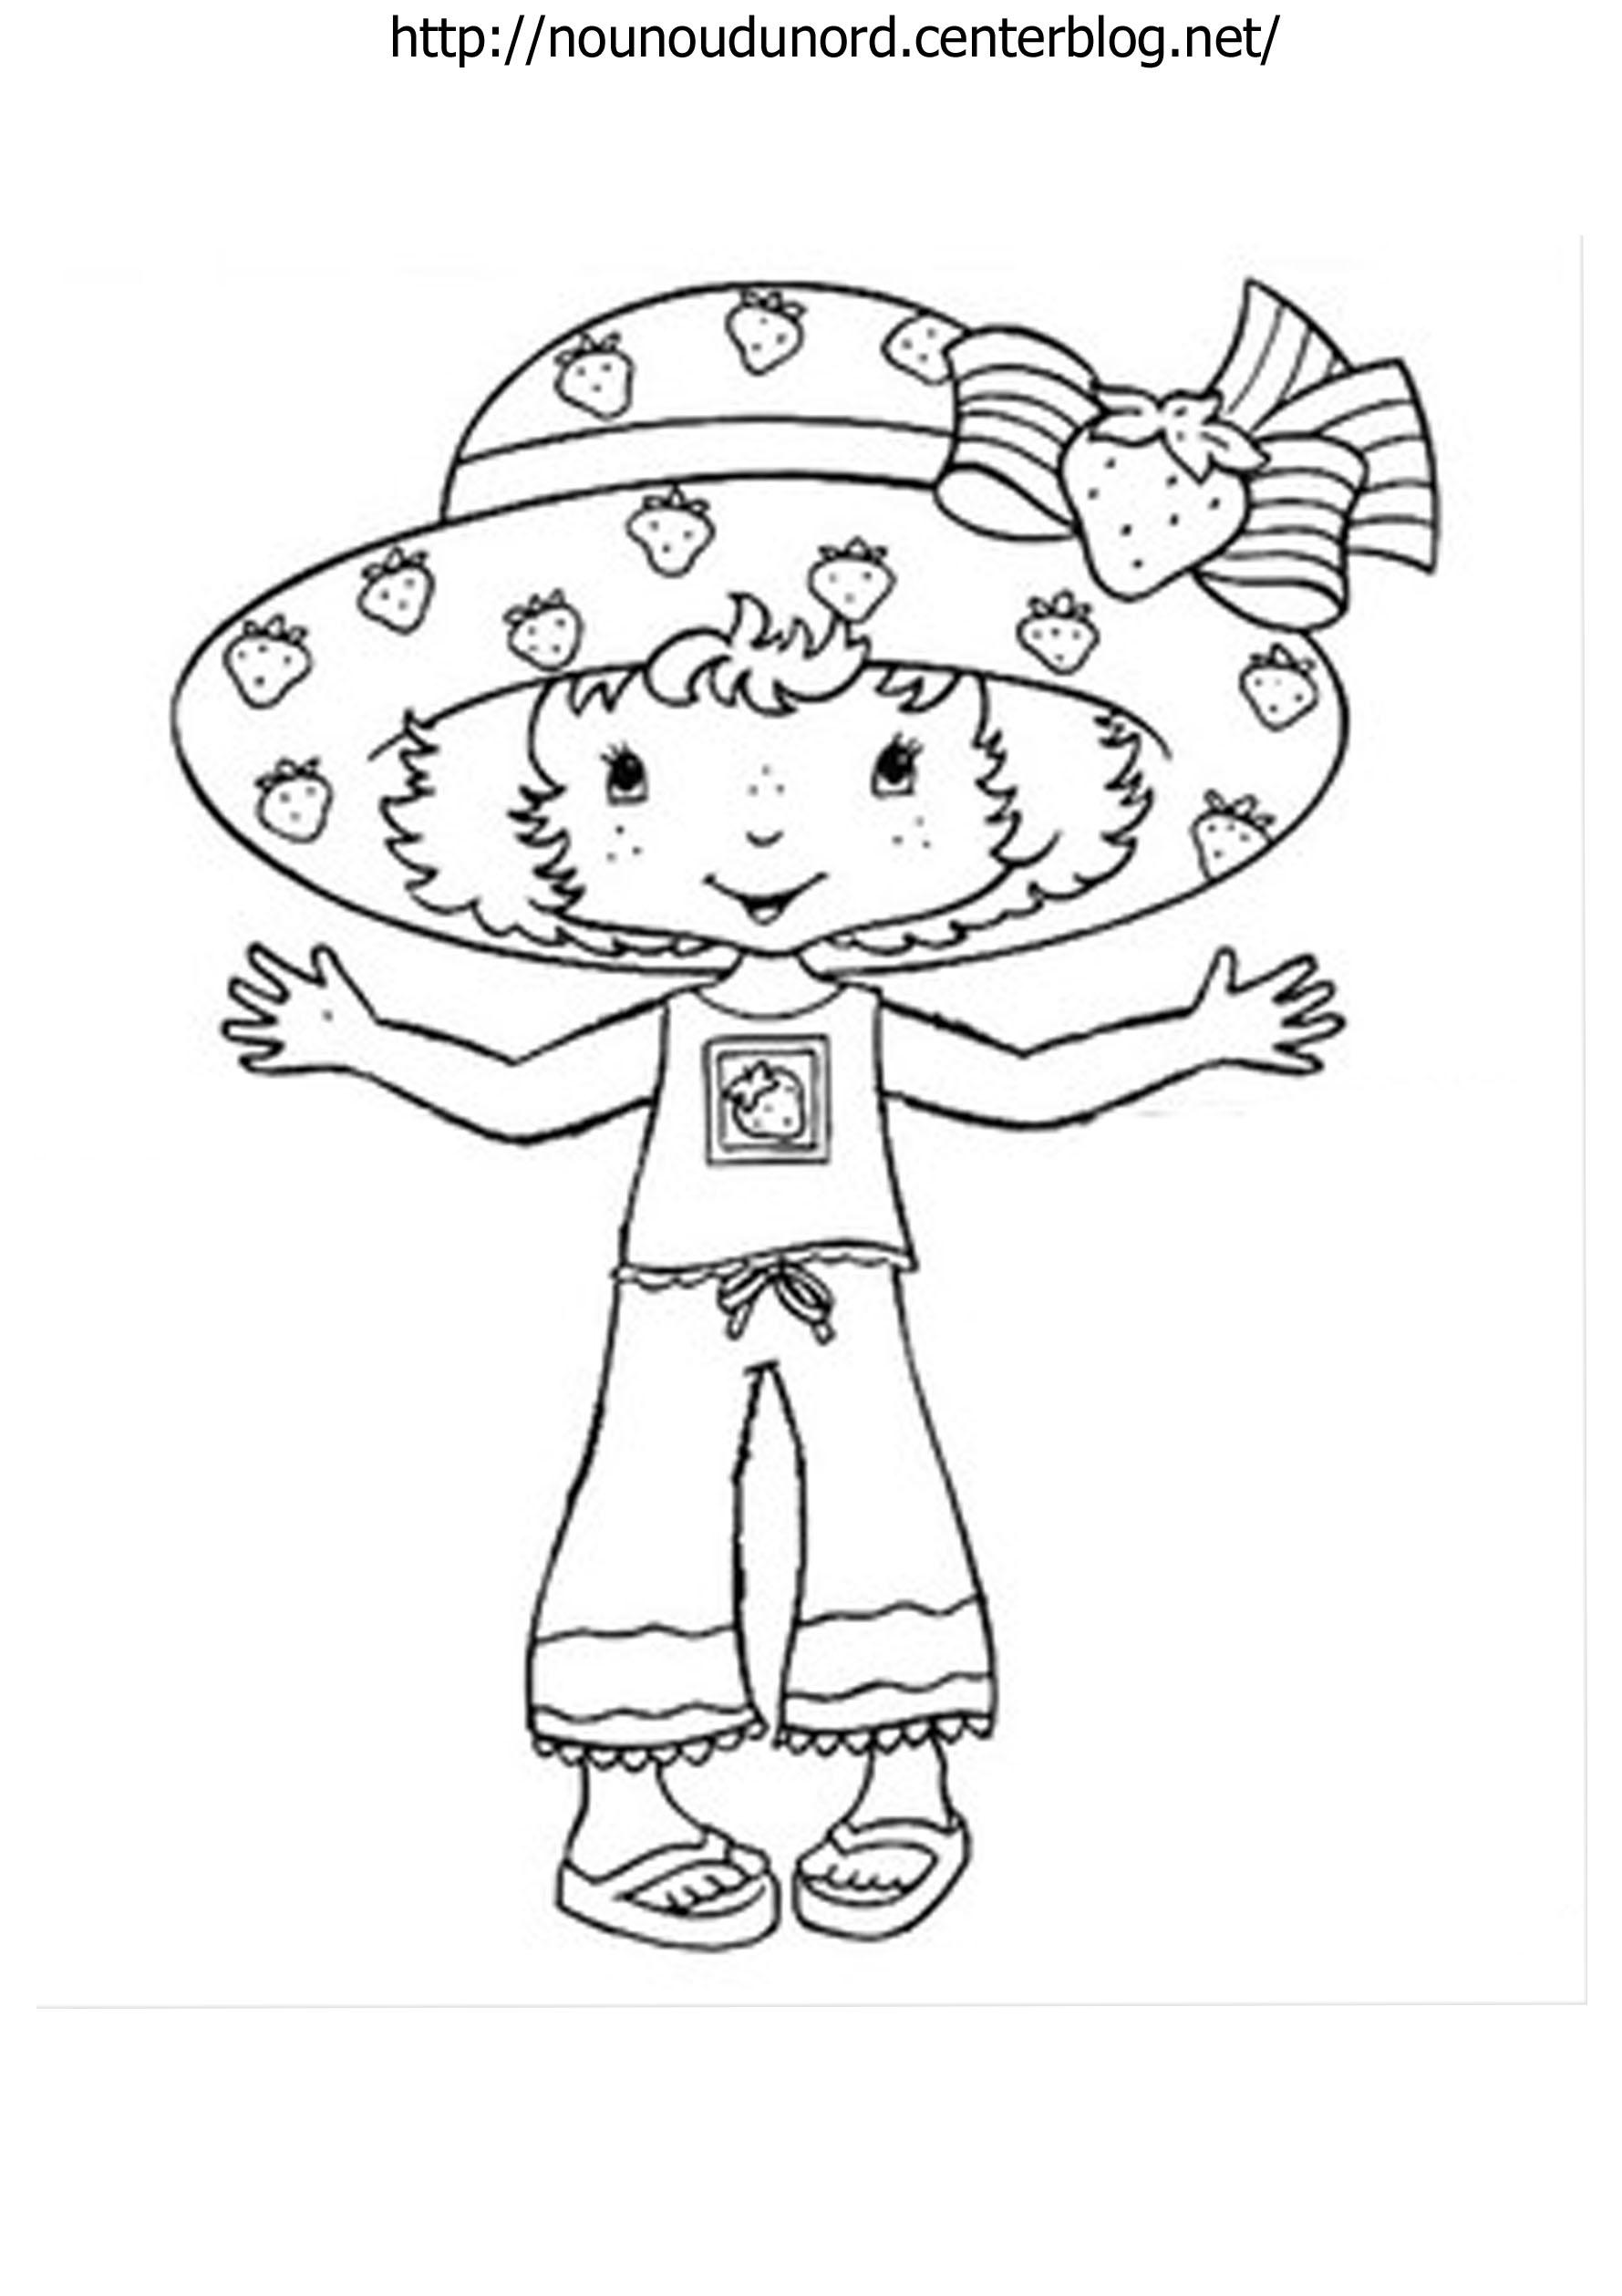 Coloriage charlotte aux fraises gratuit - dessin a imprimer #21